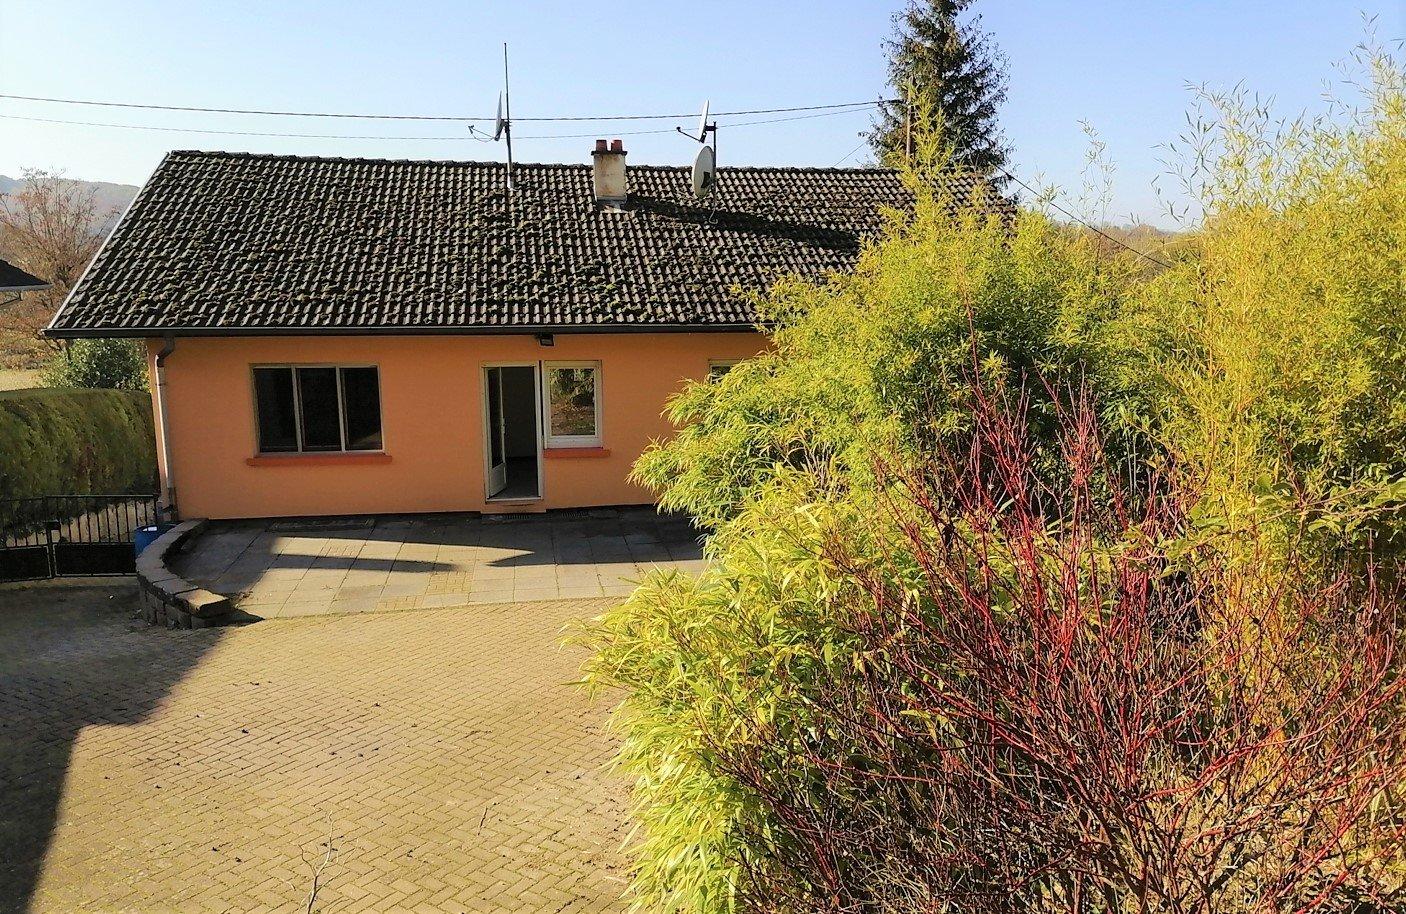 Maison d habitation secteur illfurth A VENDRE - TAGOLSHEIM - 220 m2 - 325000 €